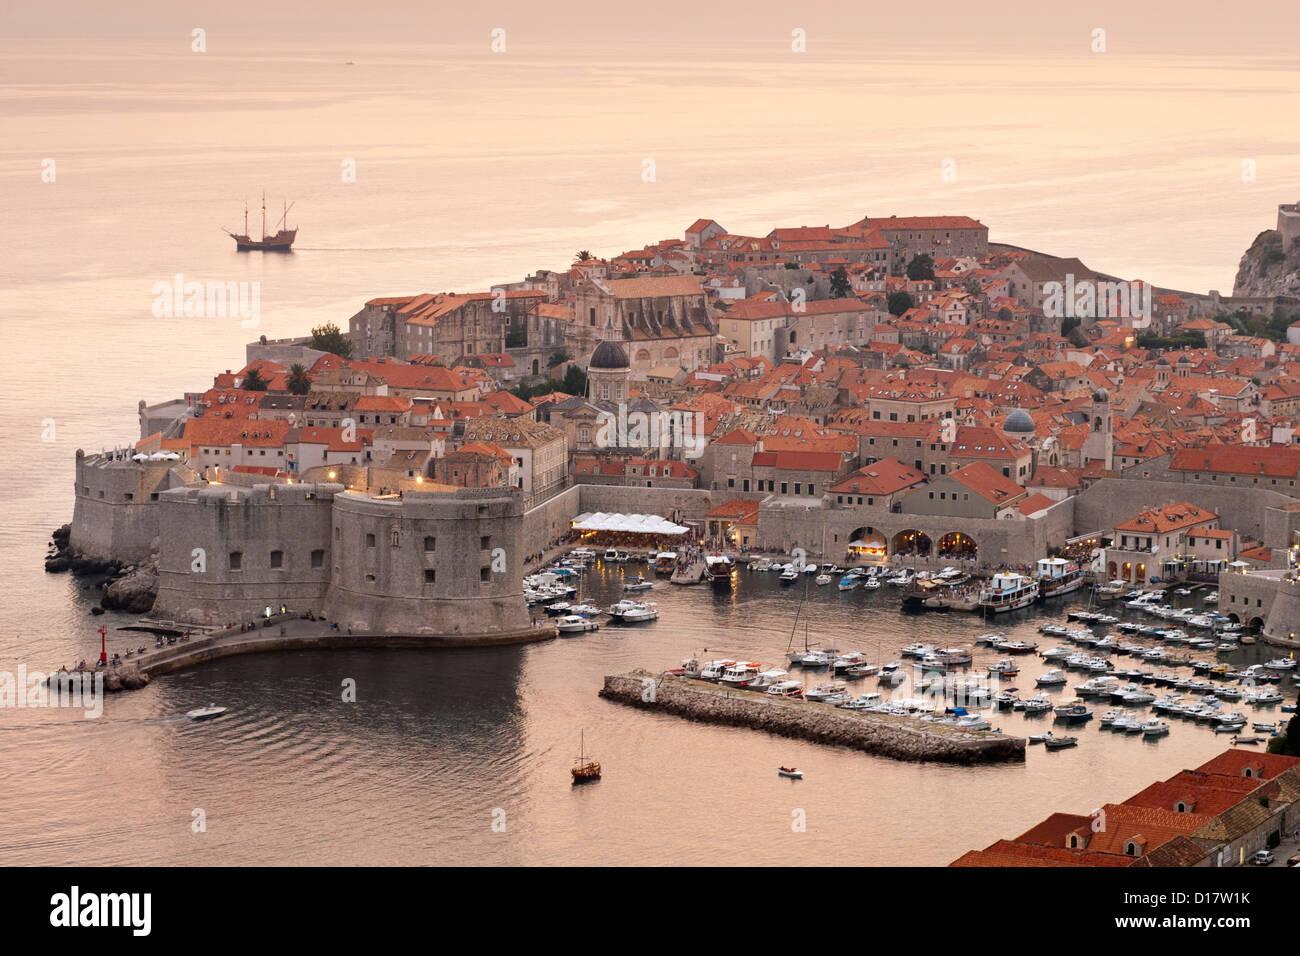 Abenddämmerung Blick auf den alten Hafen Hafen und Altstadt in der Stadt von Dubrovnik an der Adria Küste in Kroatien. Stockfoto